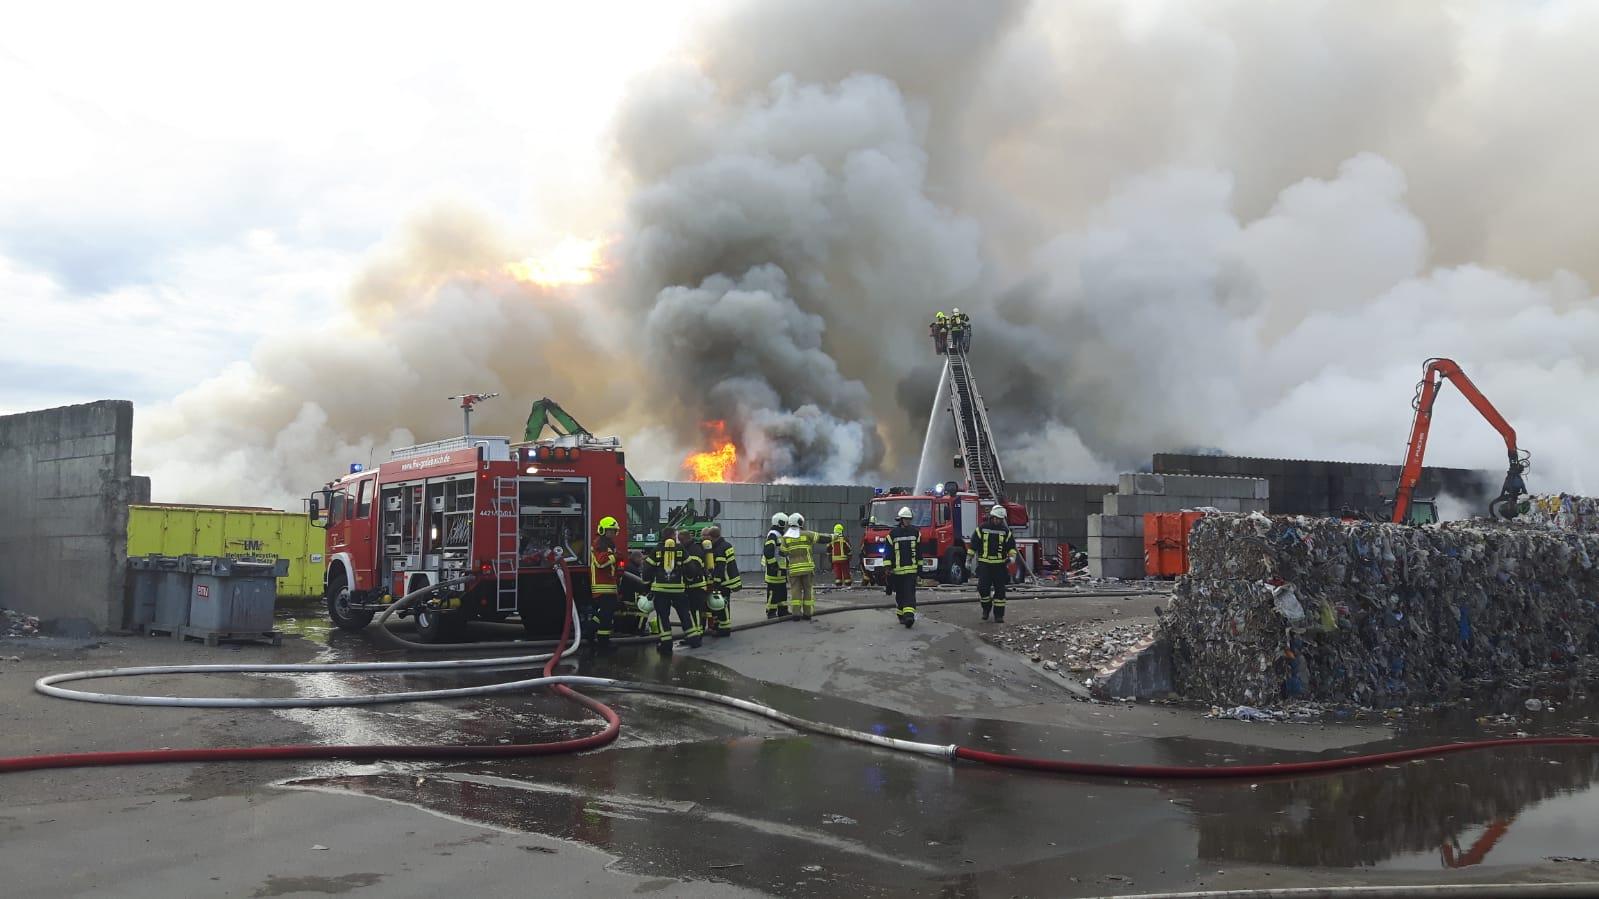 2018-08-14_Brandeinsatz_Nachforderung TLF(1)